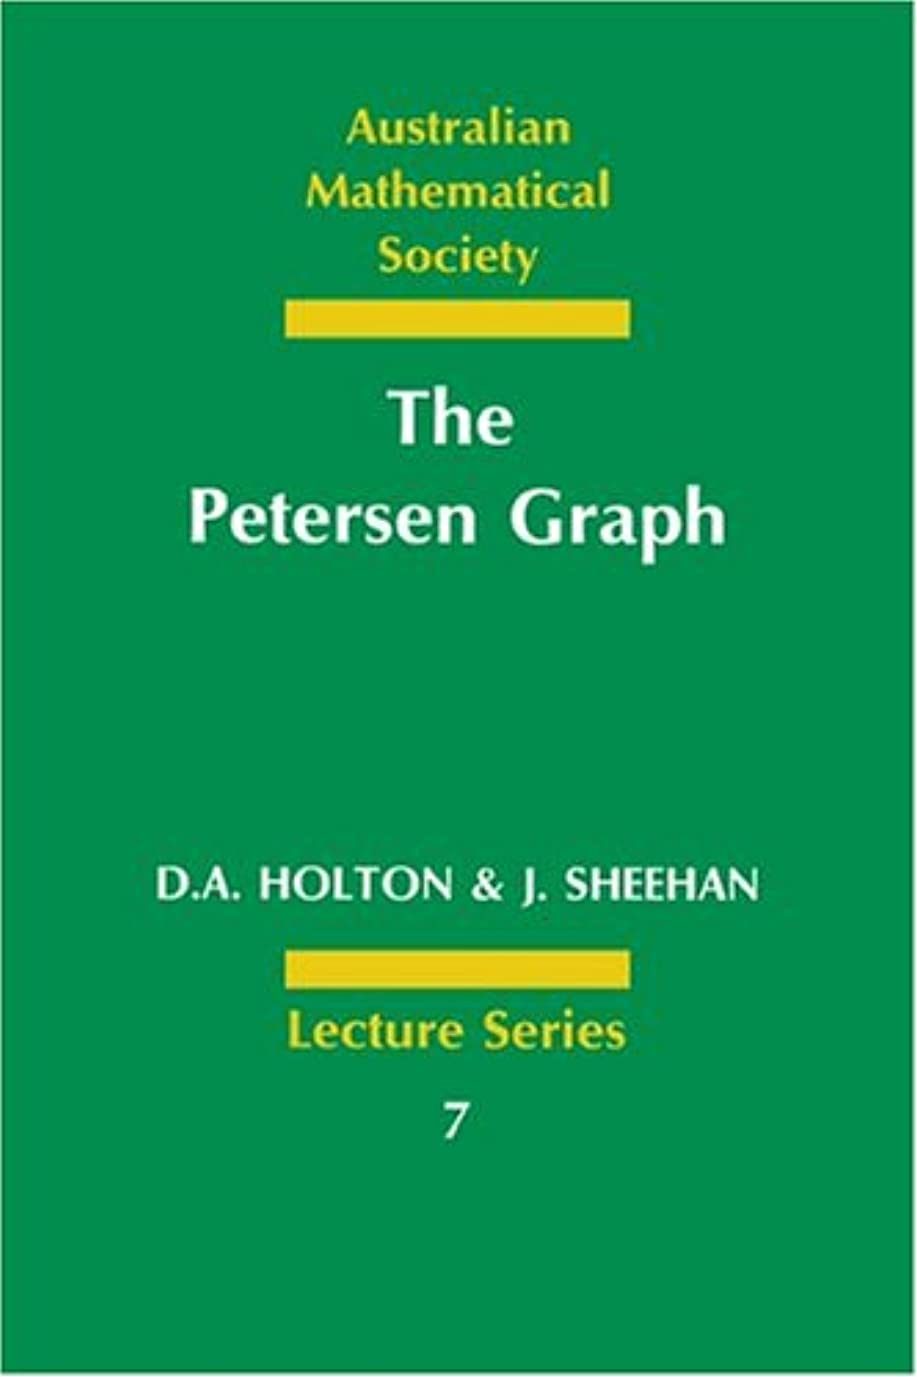 なだめる成果変換The Petersen Graph (Australian Mathematical Society Lecture Series)